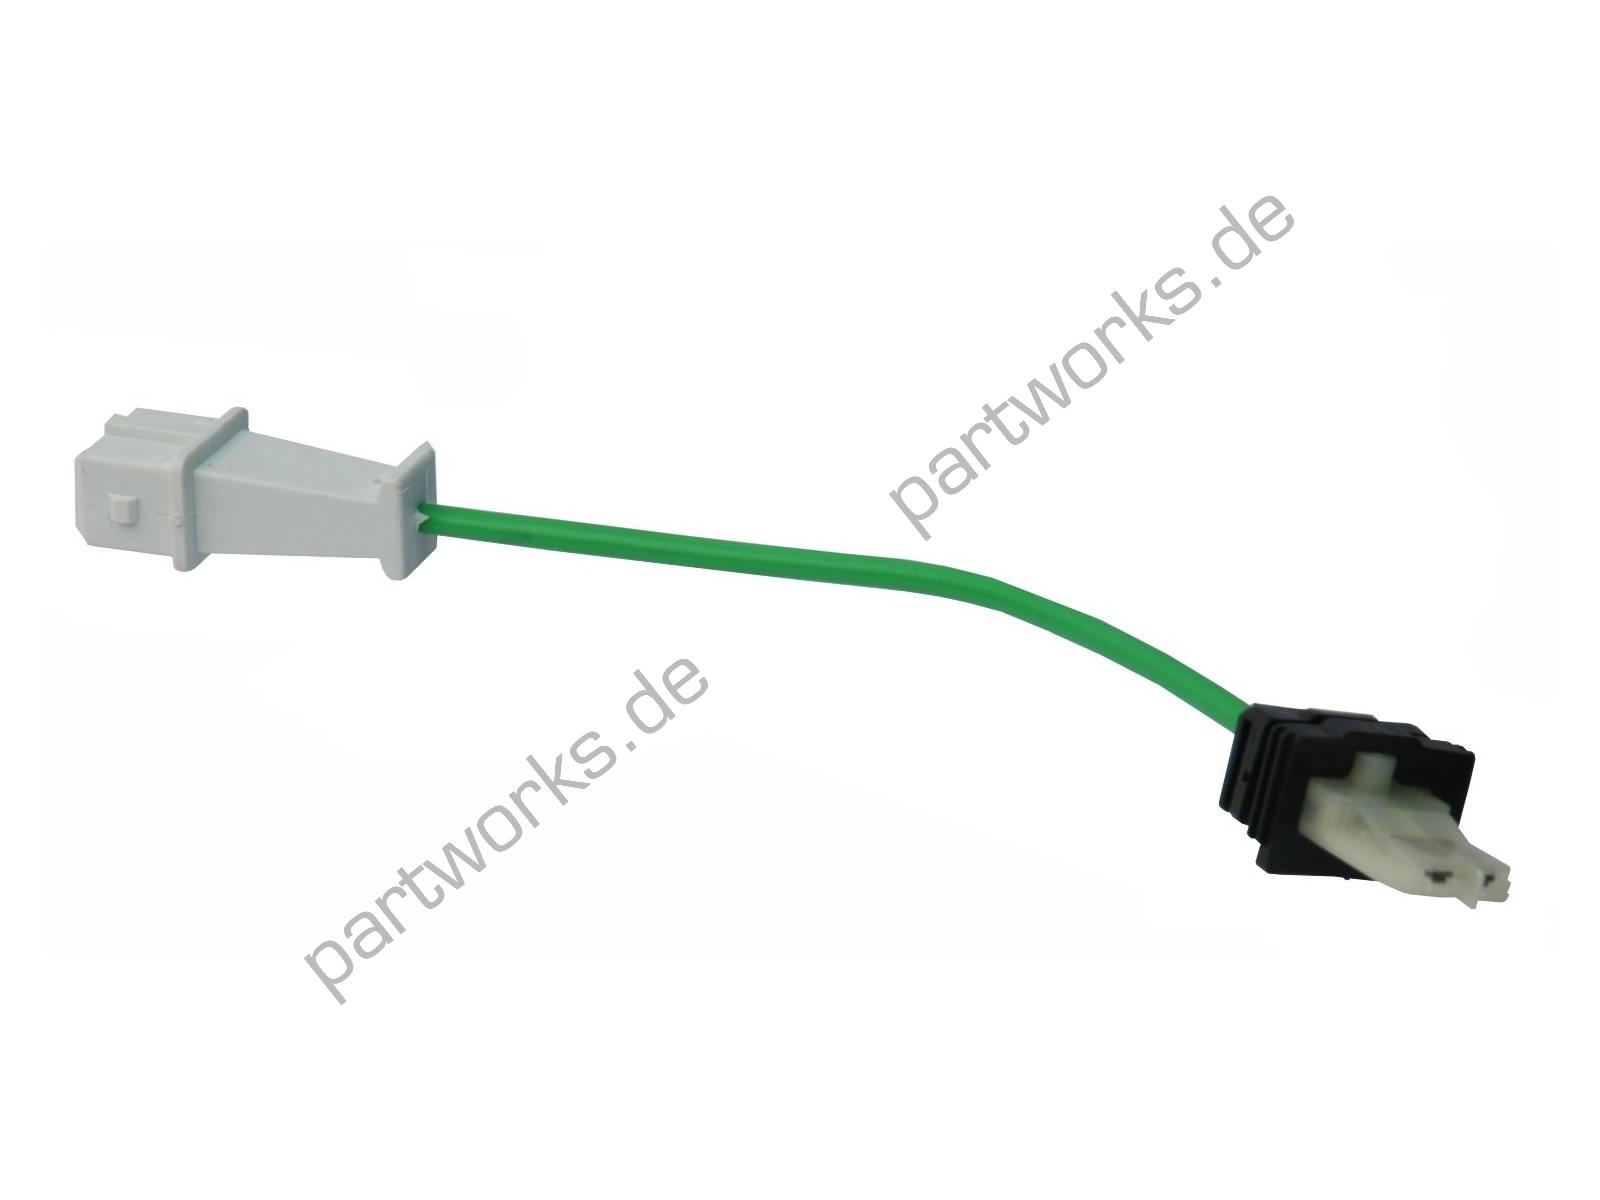 Kabel für Porsche 911 G 3.0/SC und 930 Zündverteiler